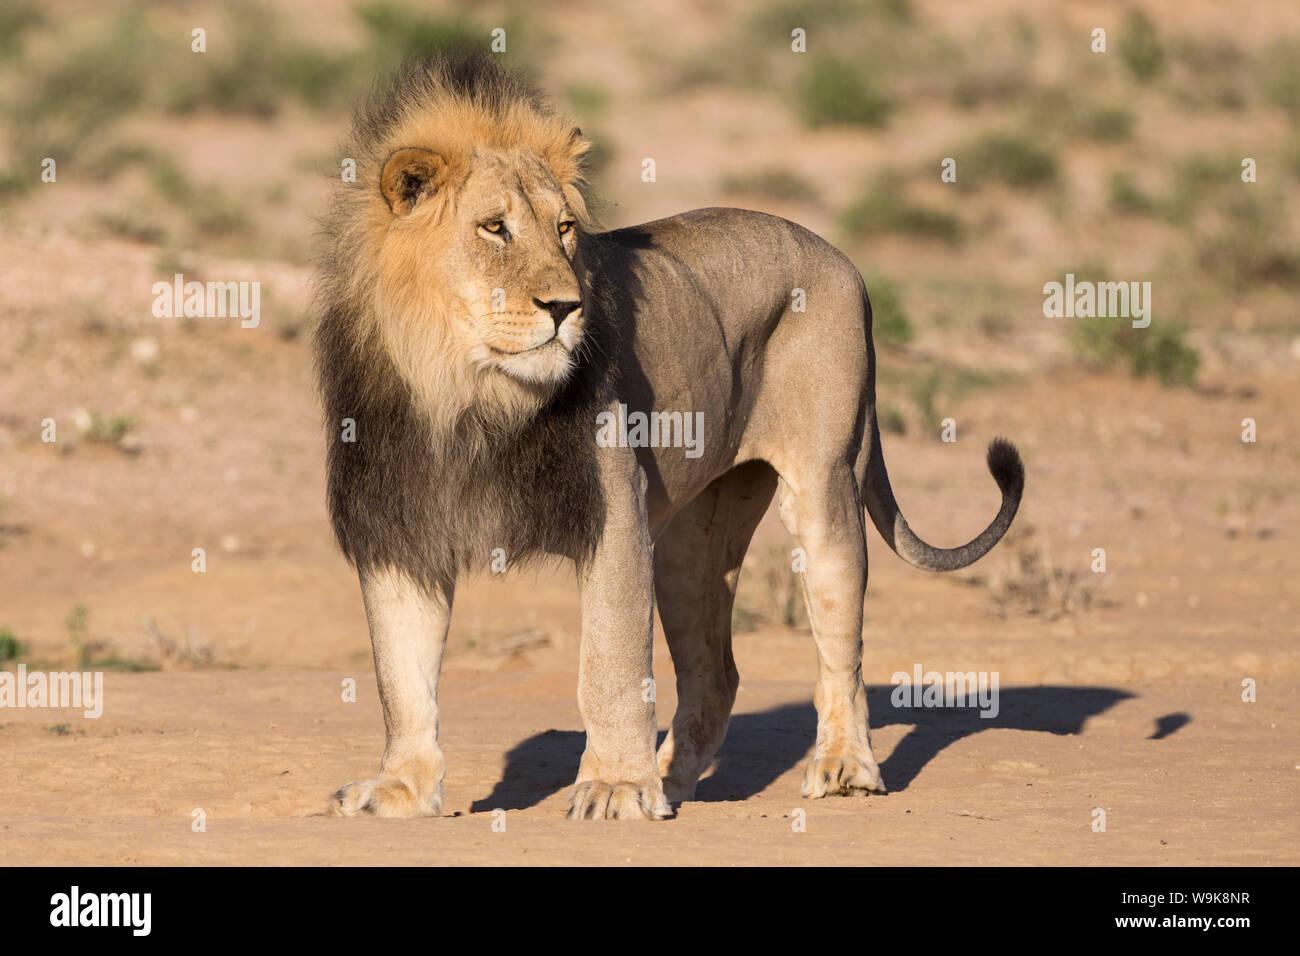 Männliche Löwe (Panthera leo) auf Patrouille, Kgalagadi Transfrontier Park, Northern Cape, Südafrika, Afrika Stockfoto